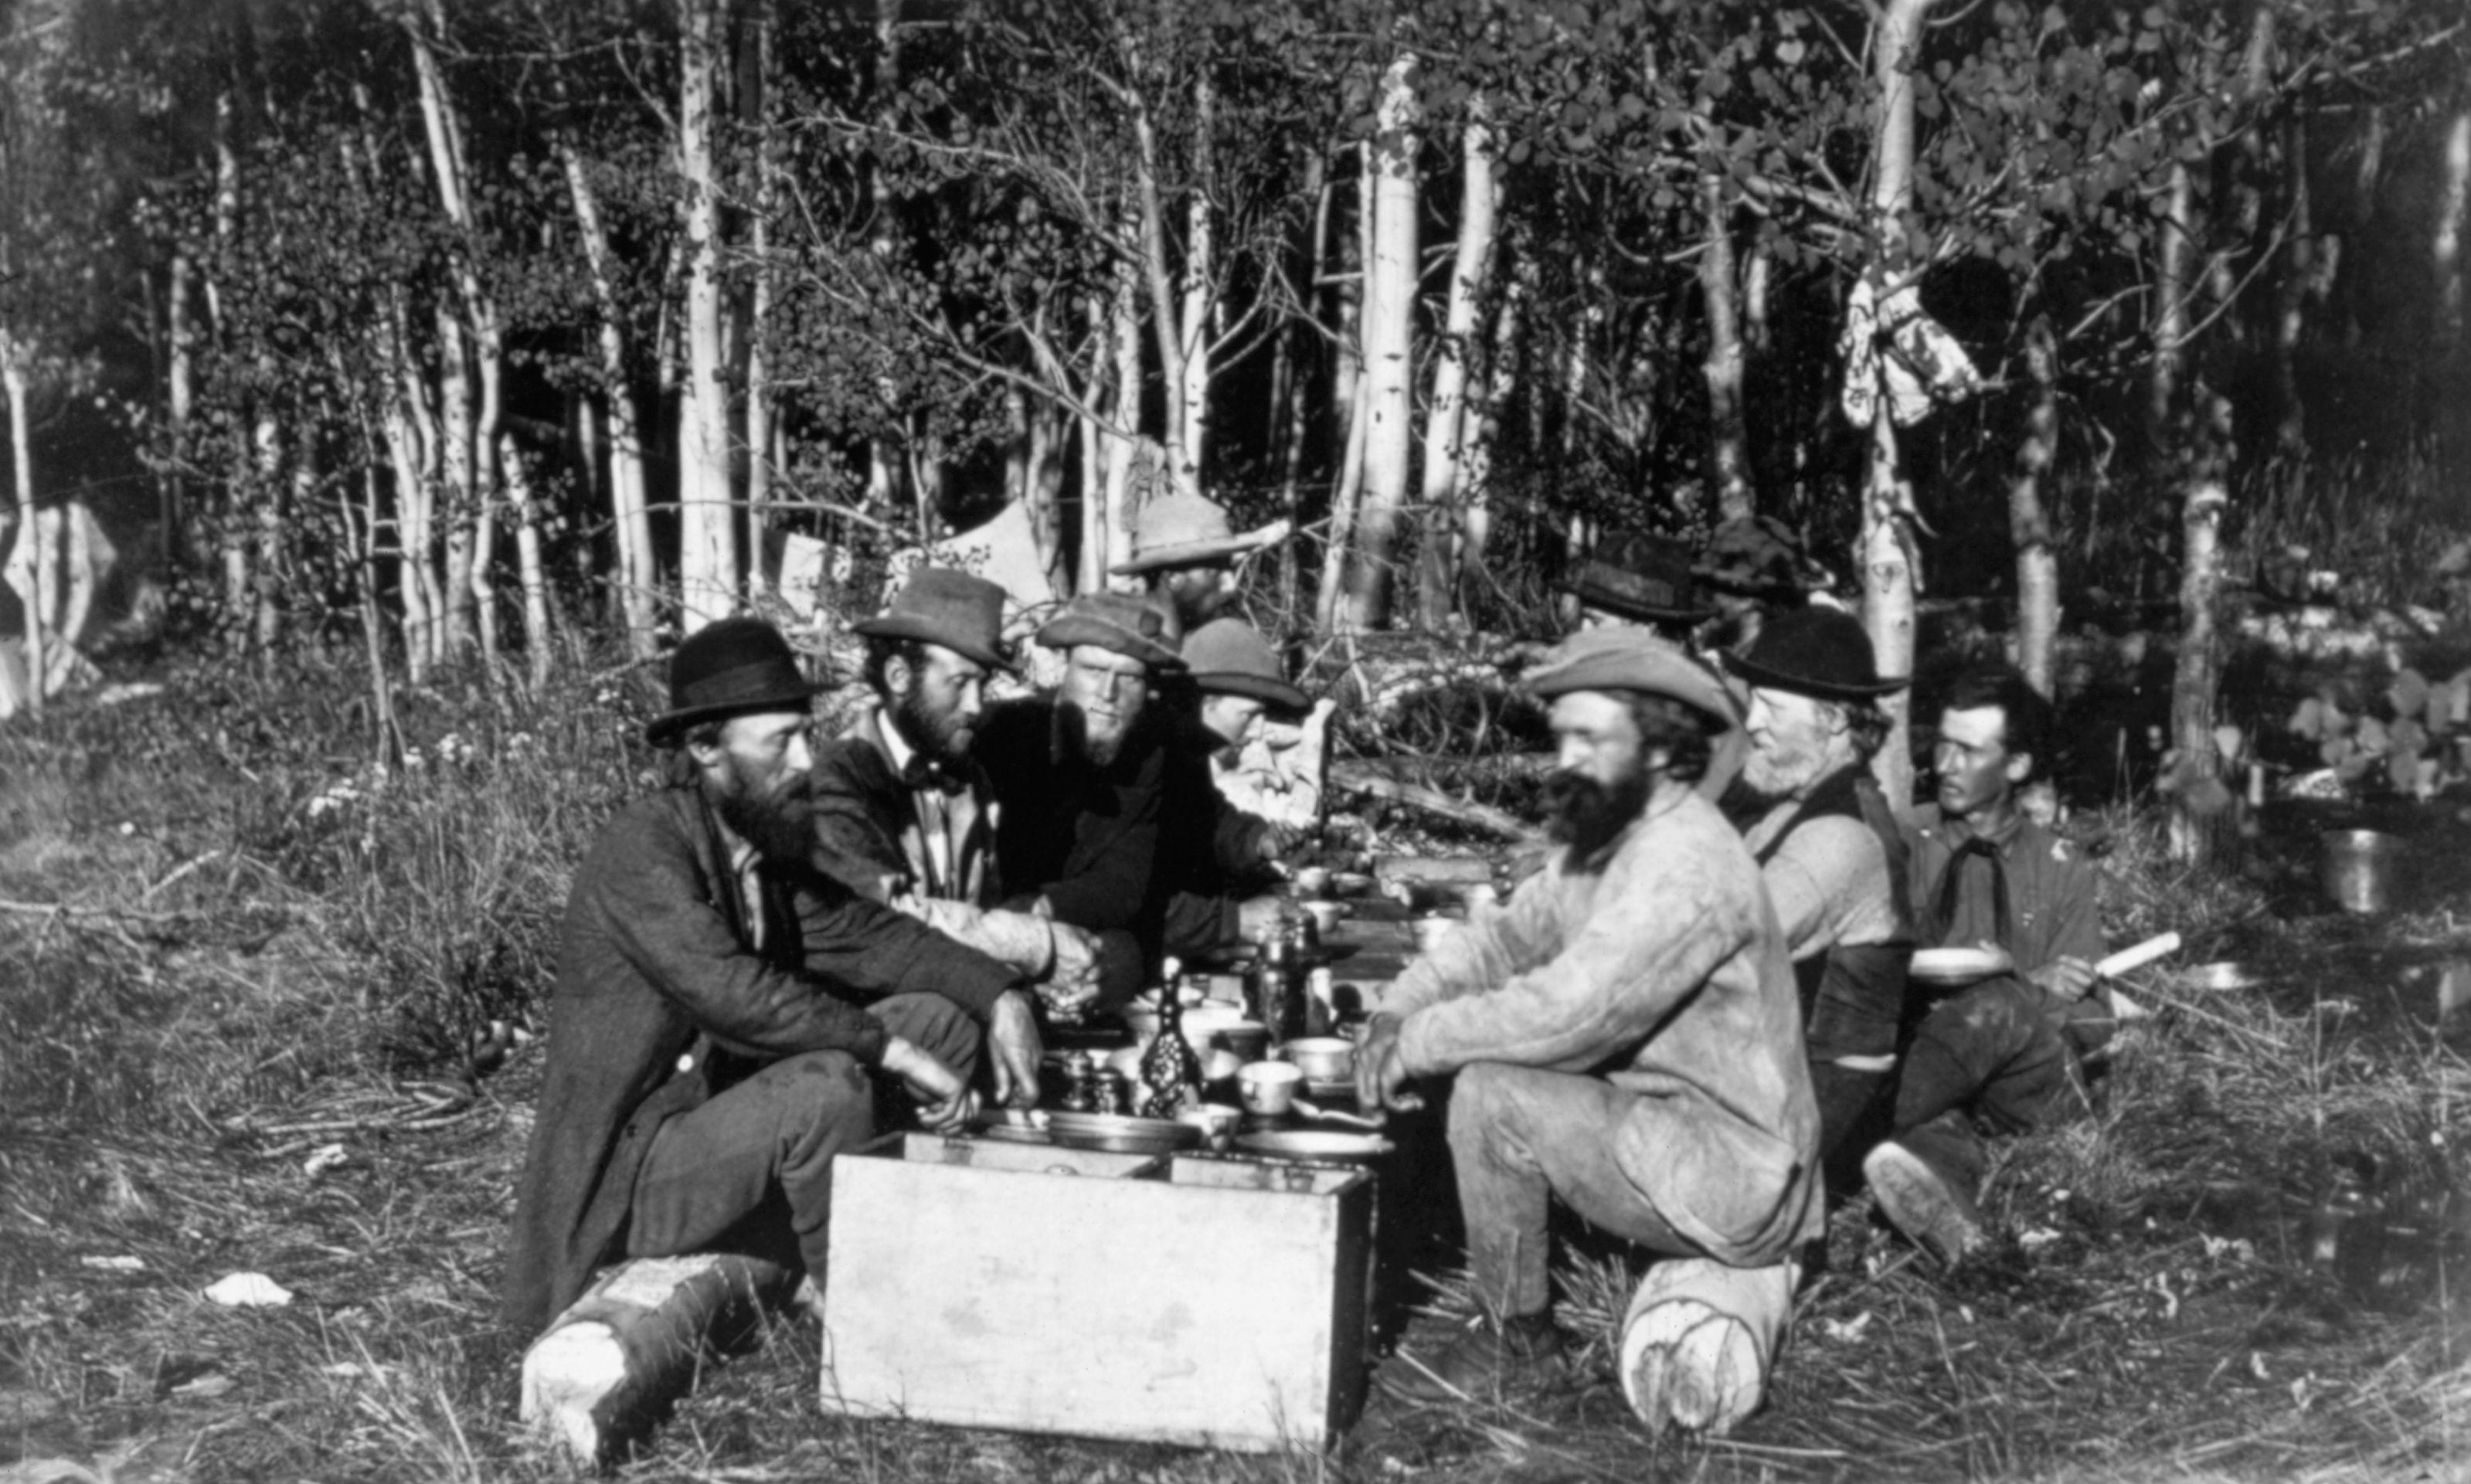 Hayden Survey Members in Camp Study